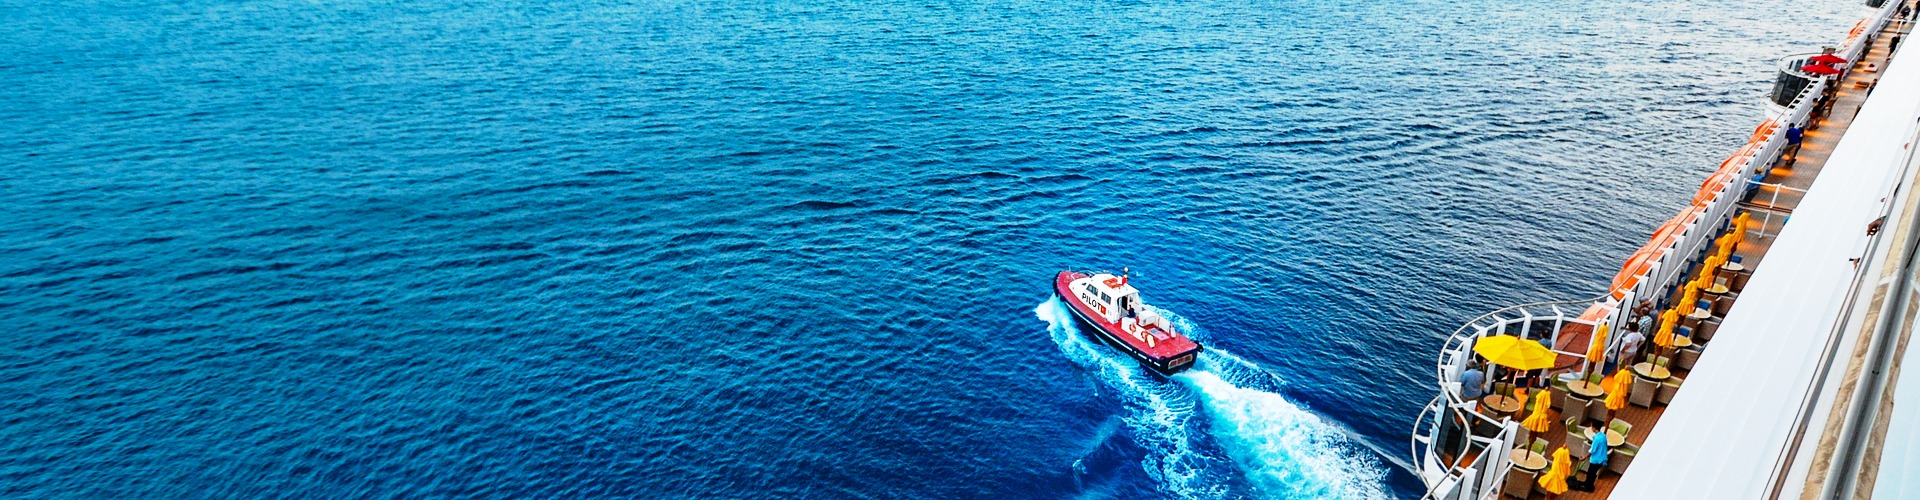 Средиземноморские каникулы: круиз